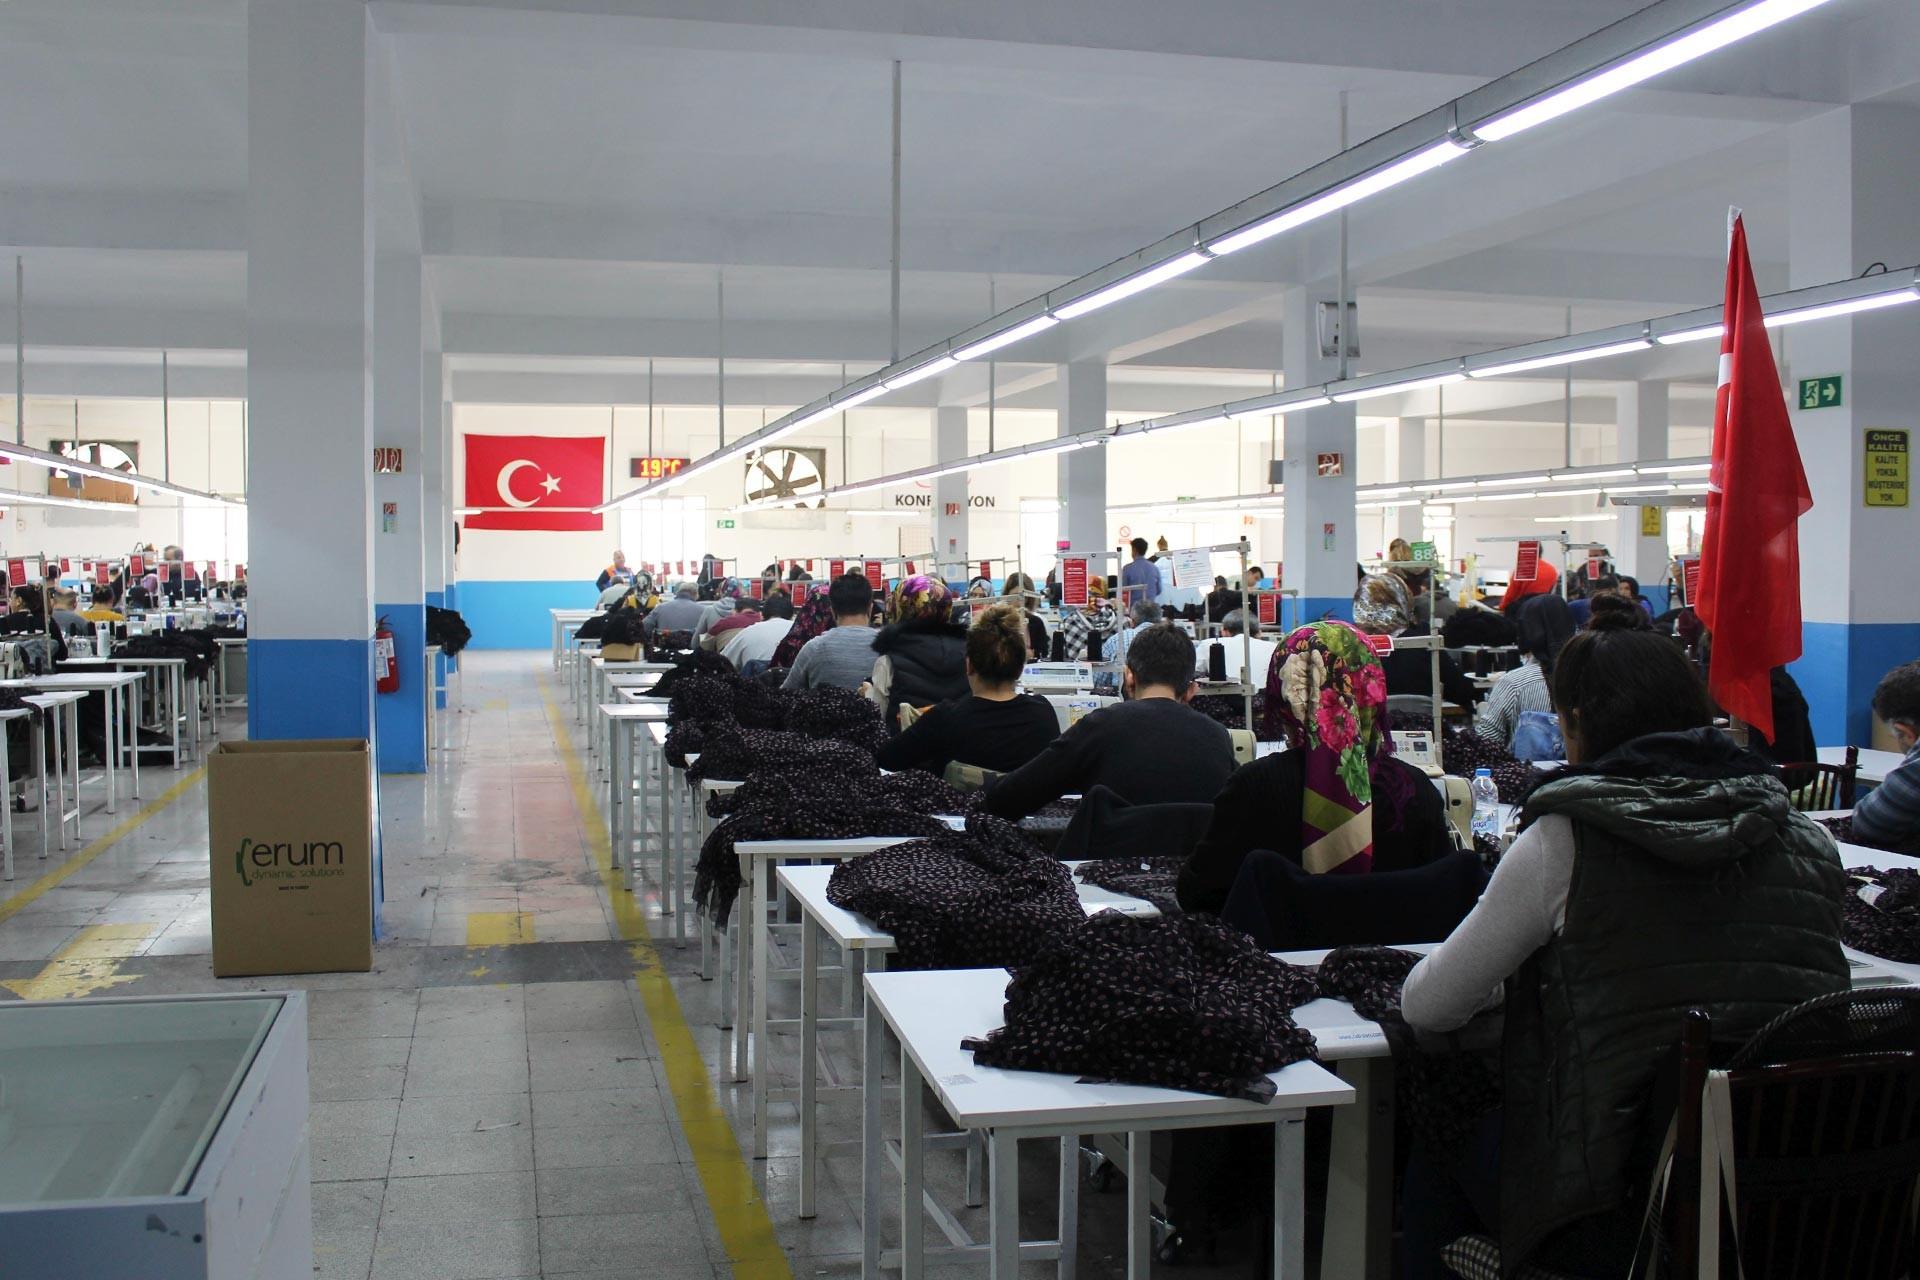 Tekstil atölyesinde işçiler sıra sıra dizilmiş halde çalışırken. İşçilerin çalışıtığı salonun büyük duvarında Türk Bayrağı asılı